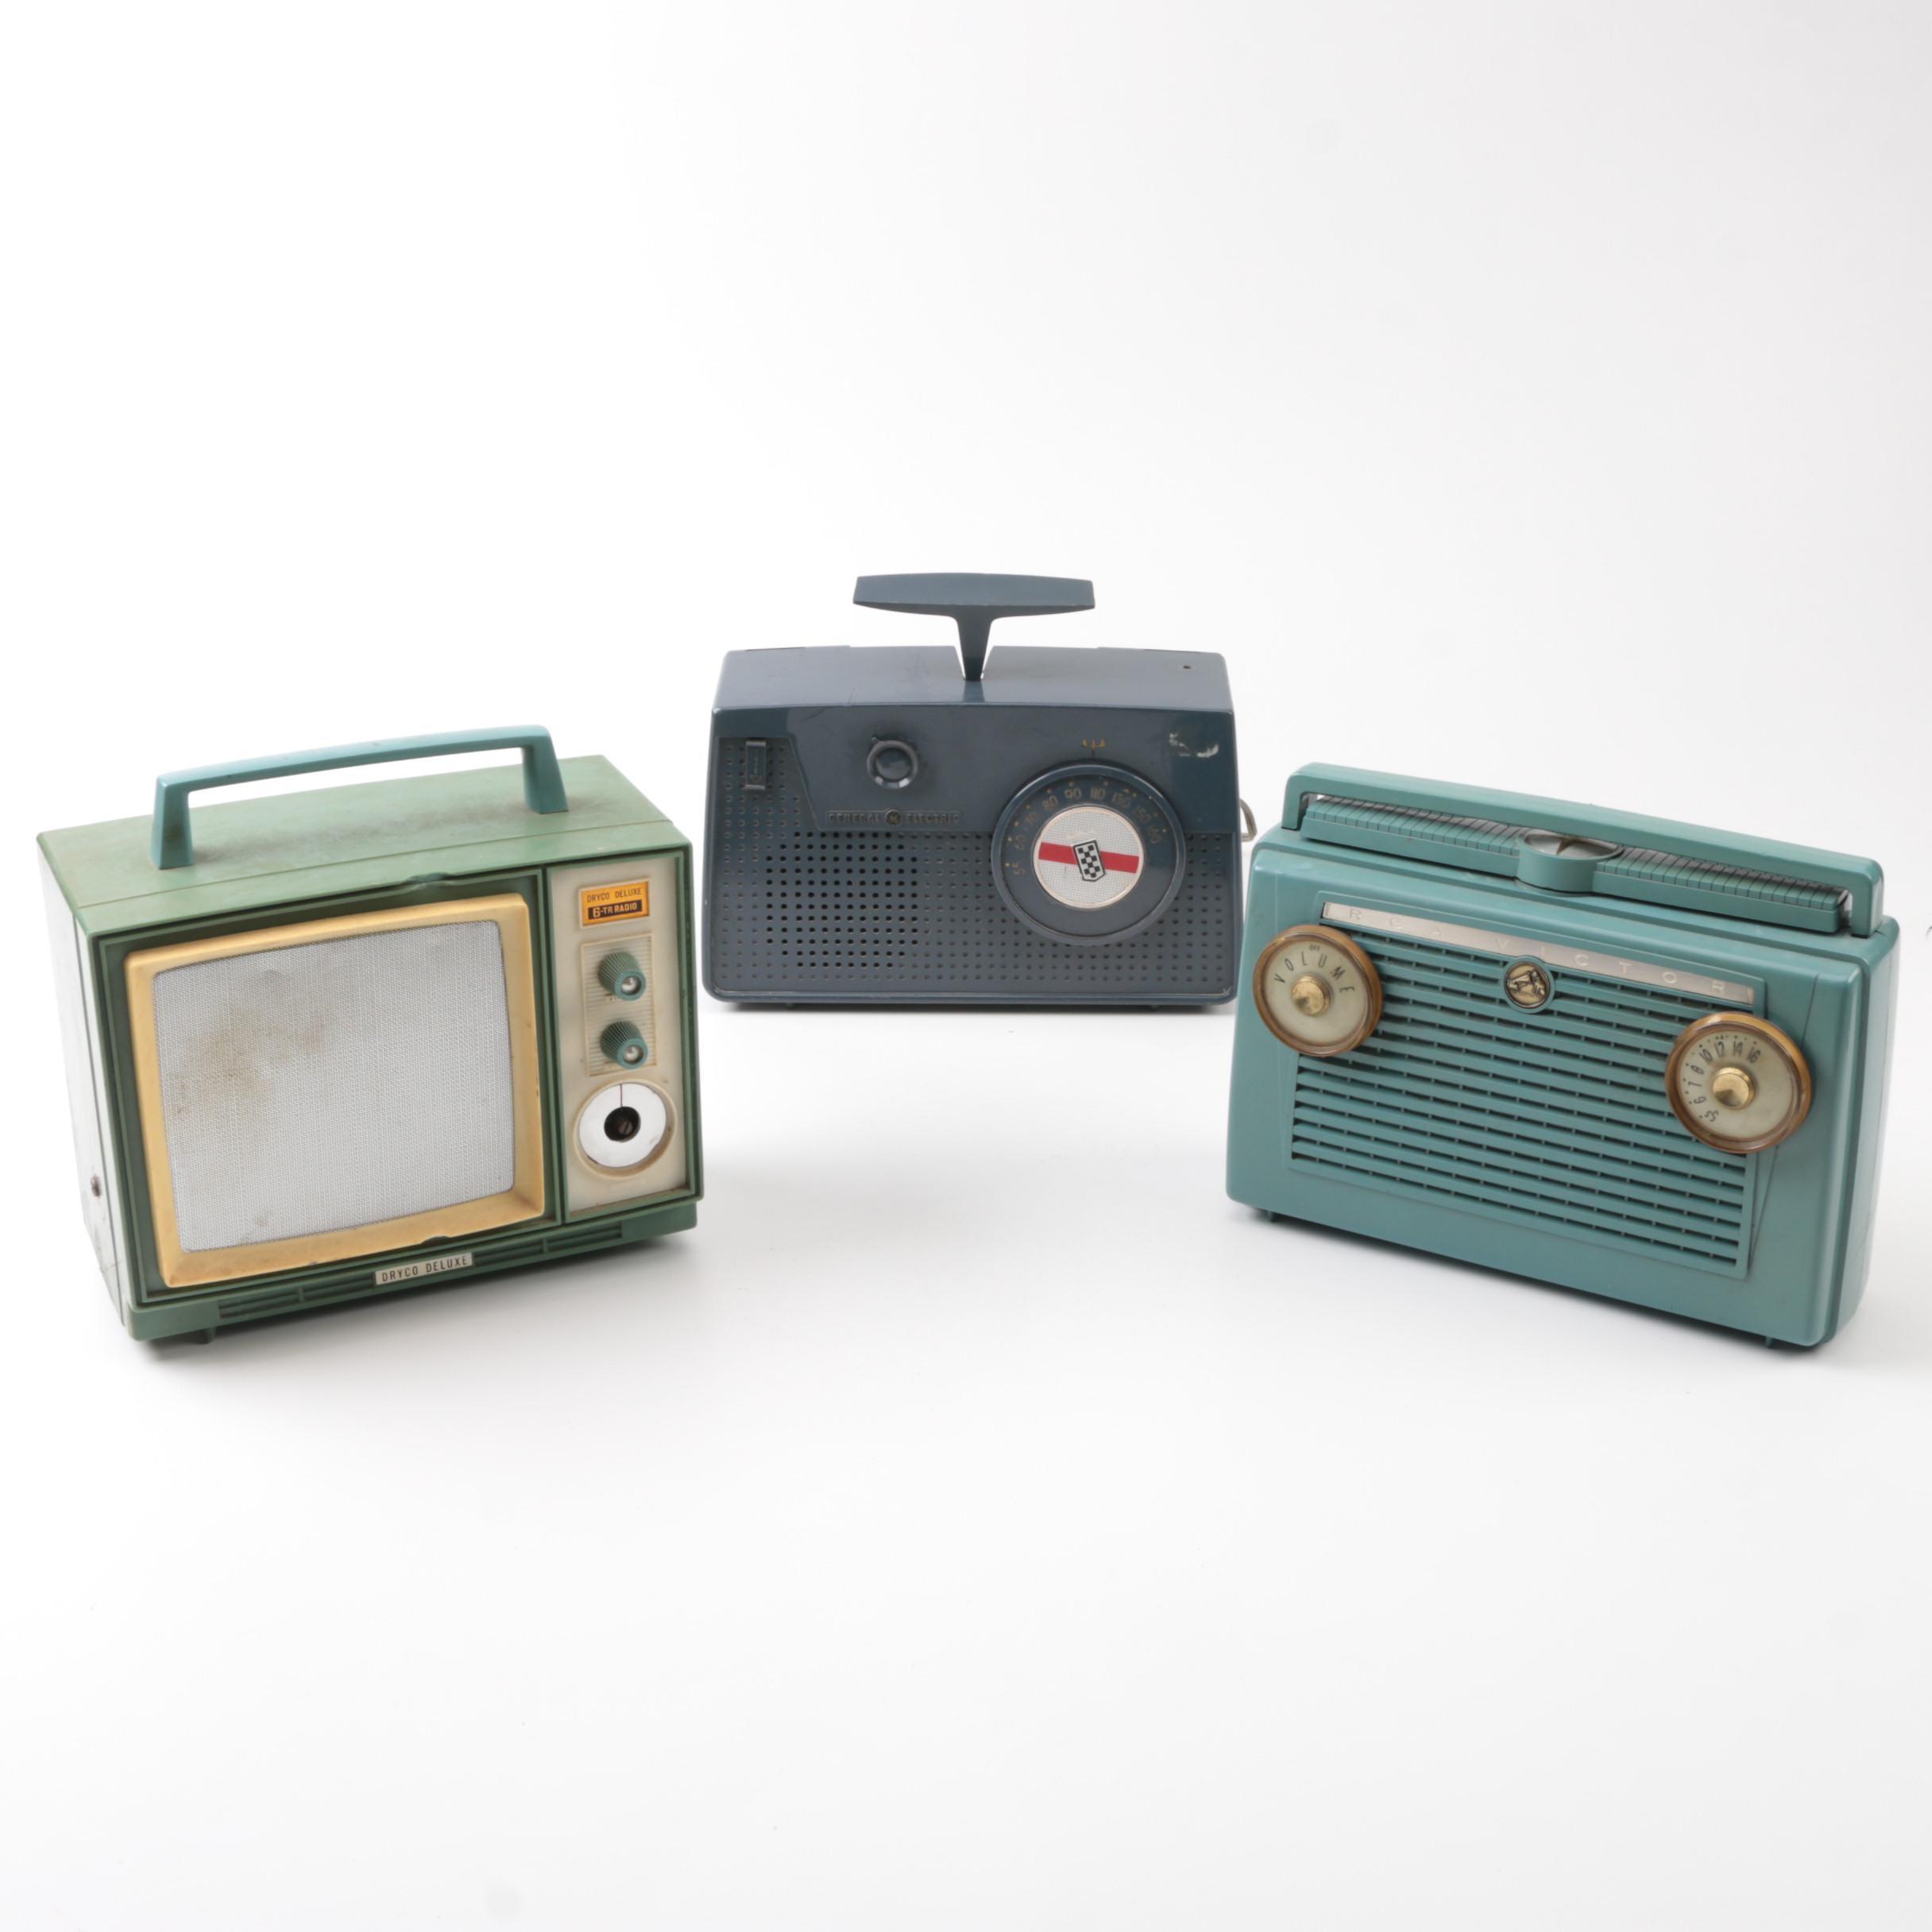 Vintage Portable Radios